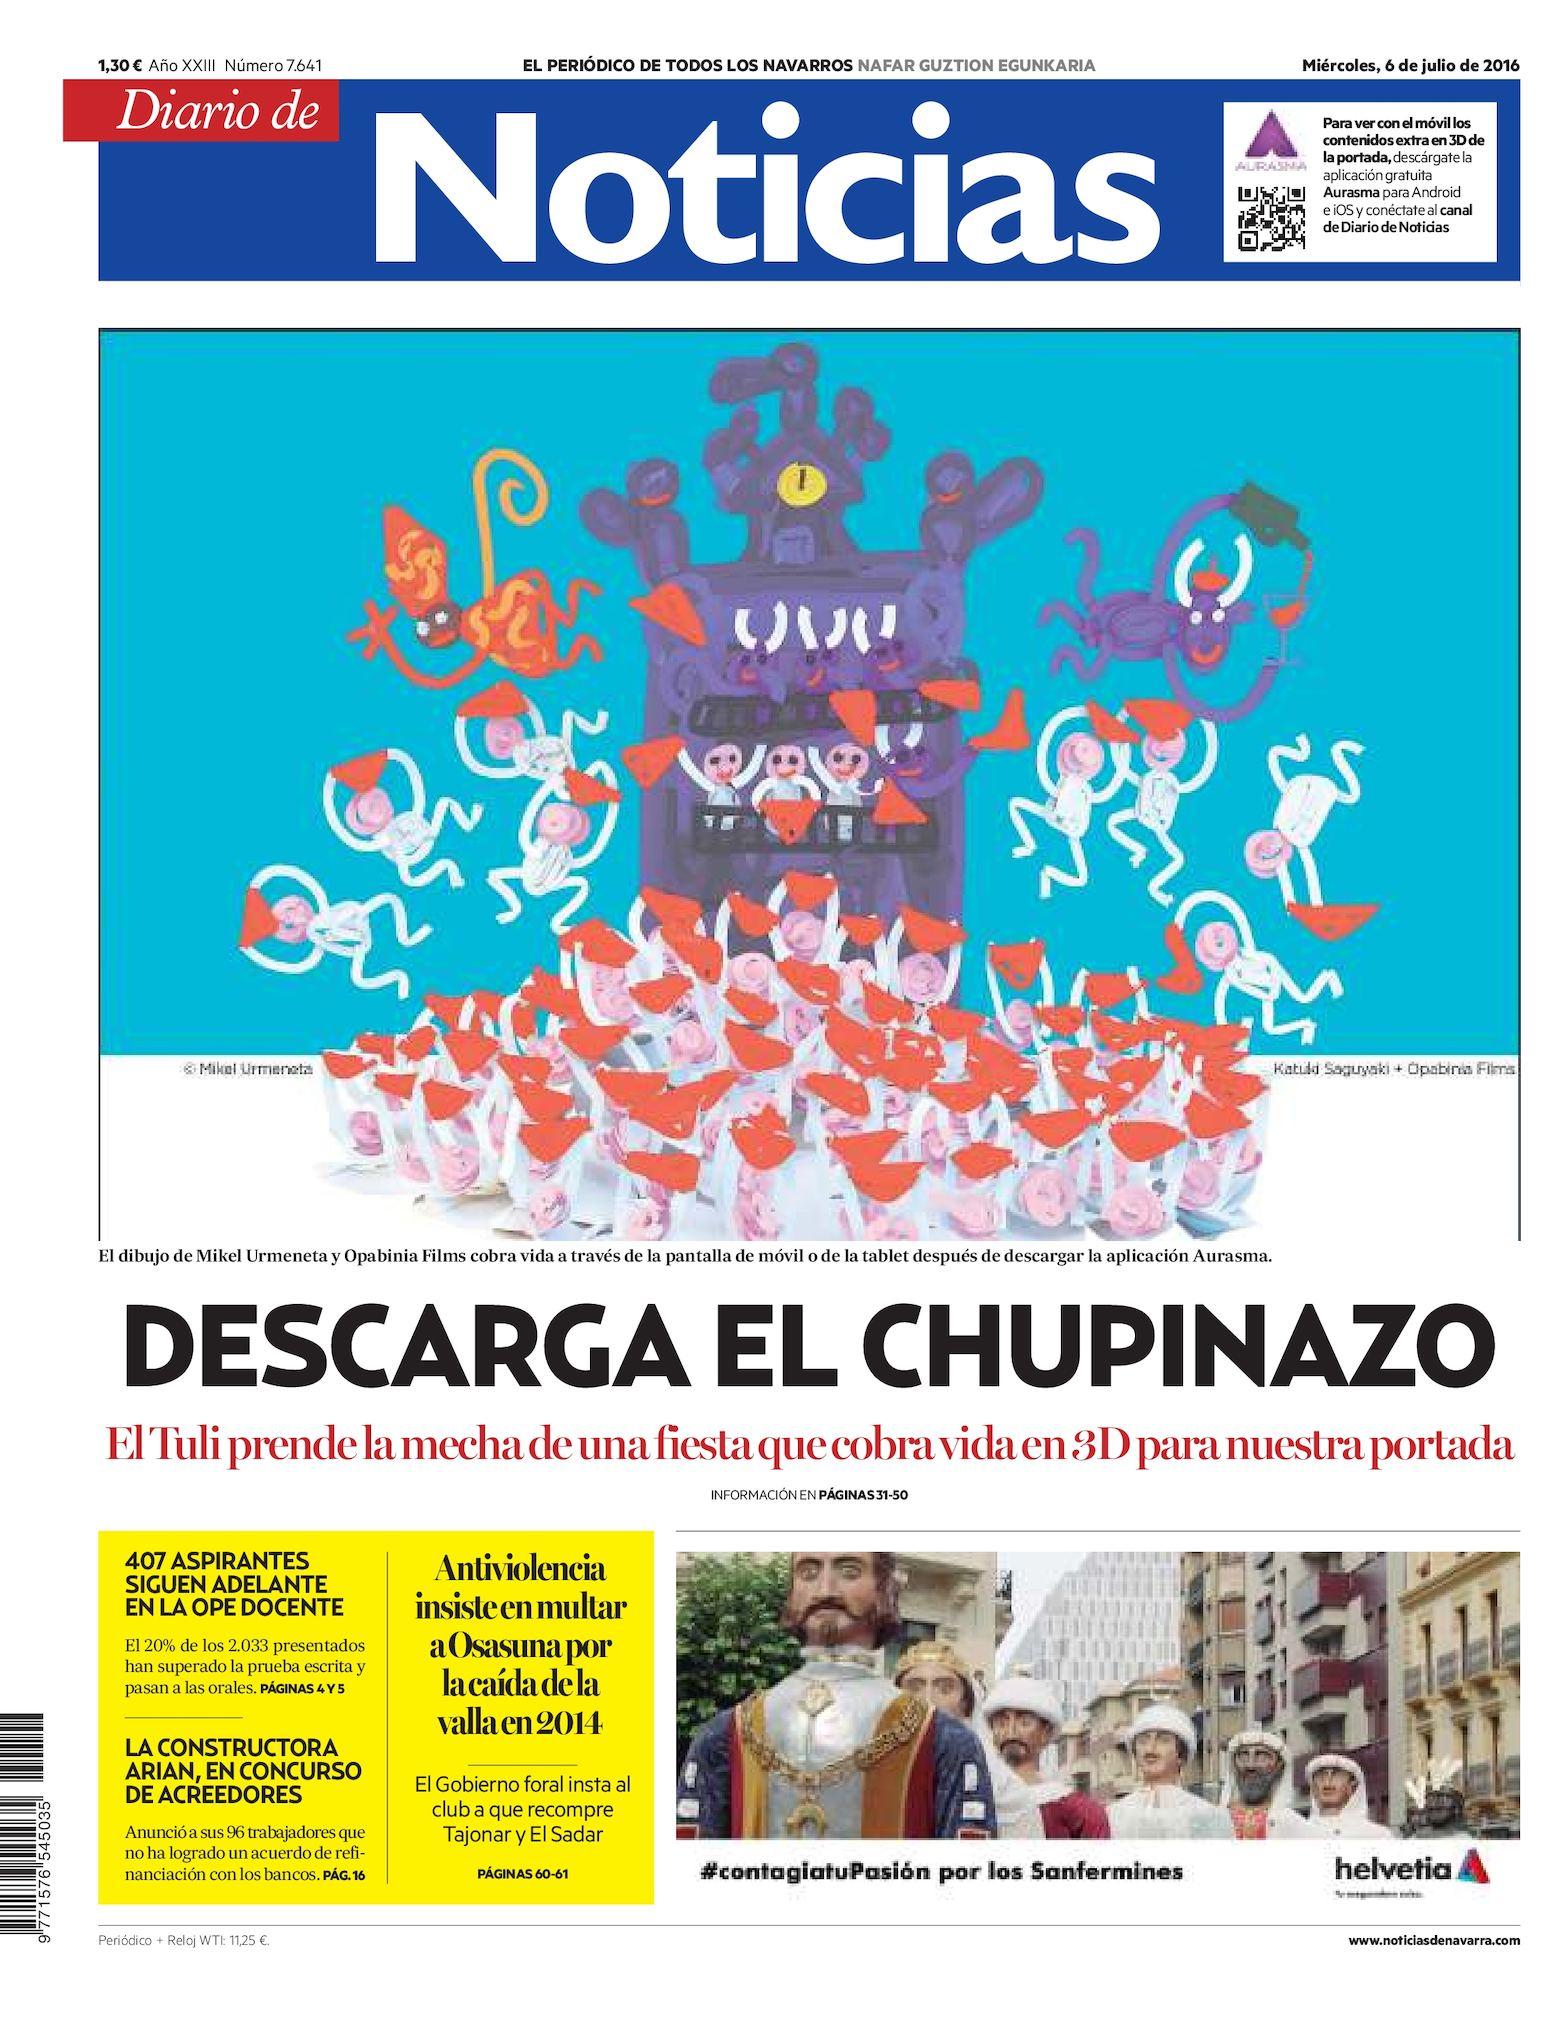 Calaméo - Diario de Noticias 20160706